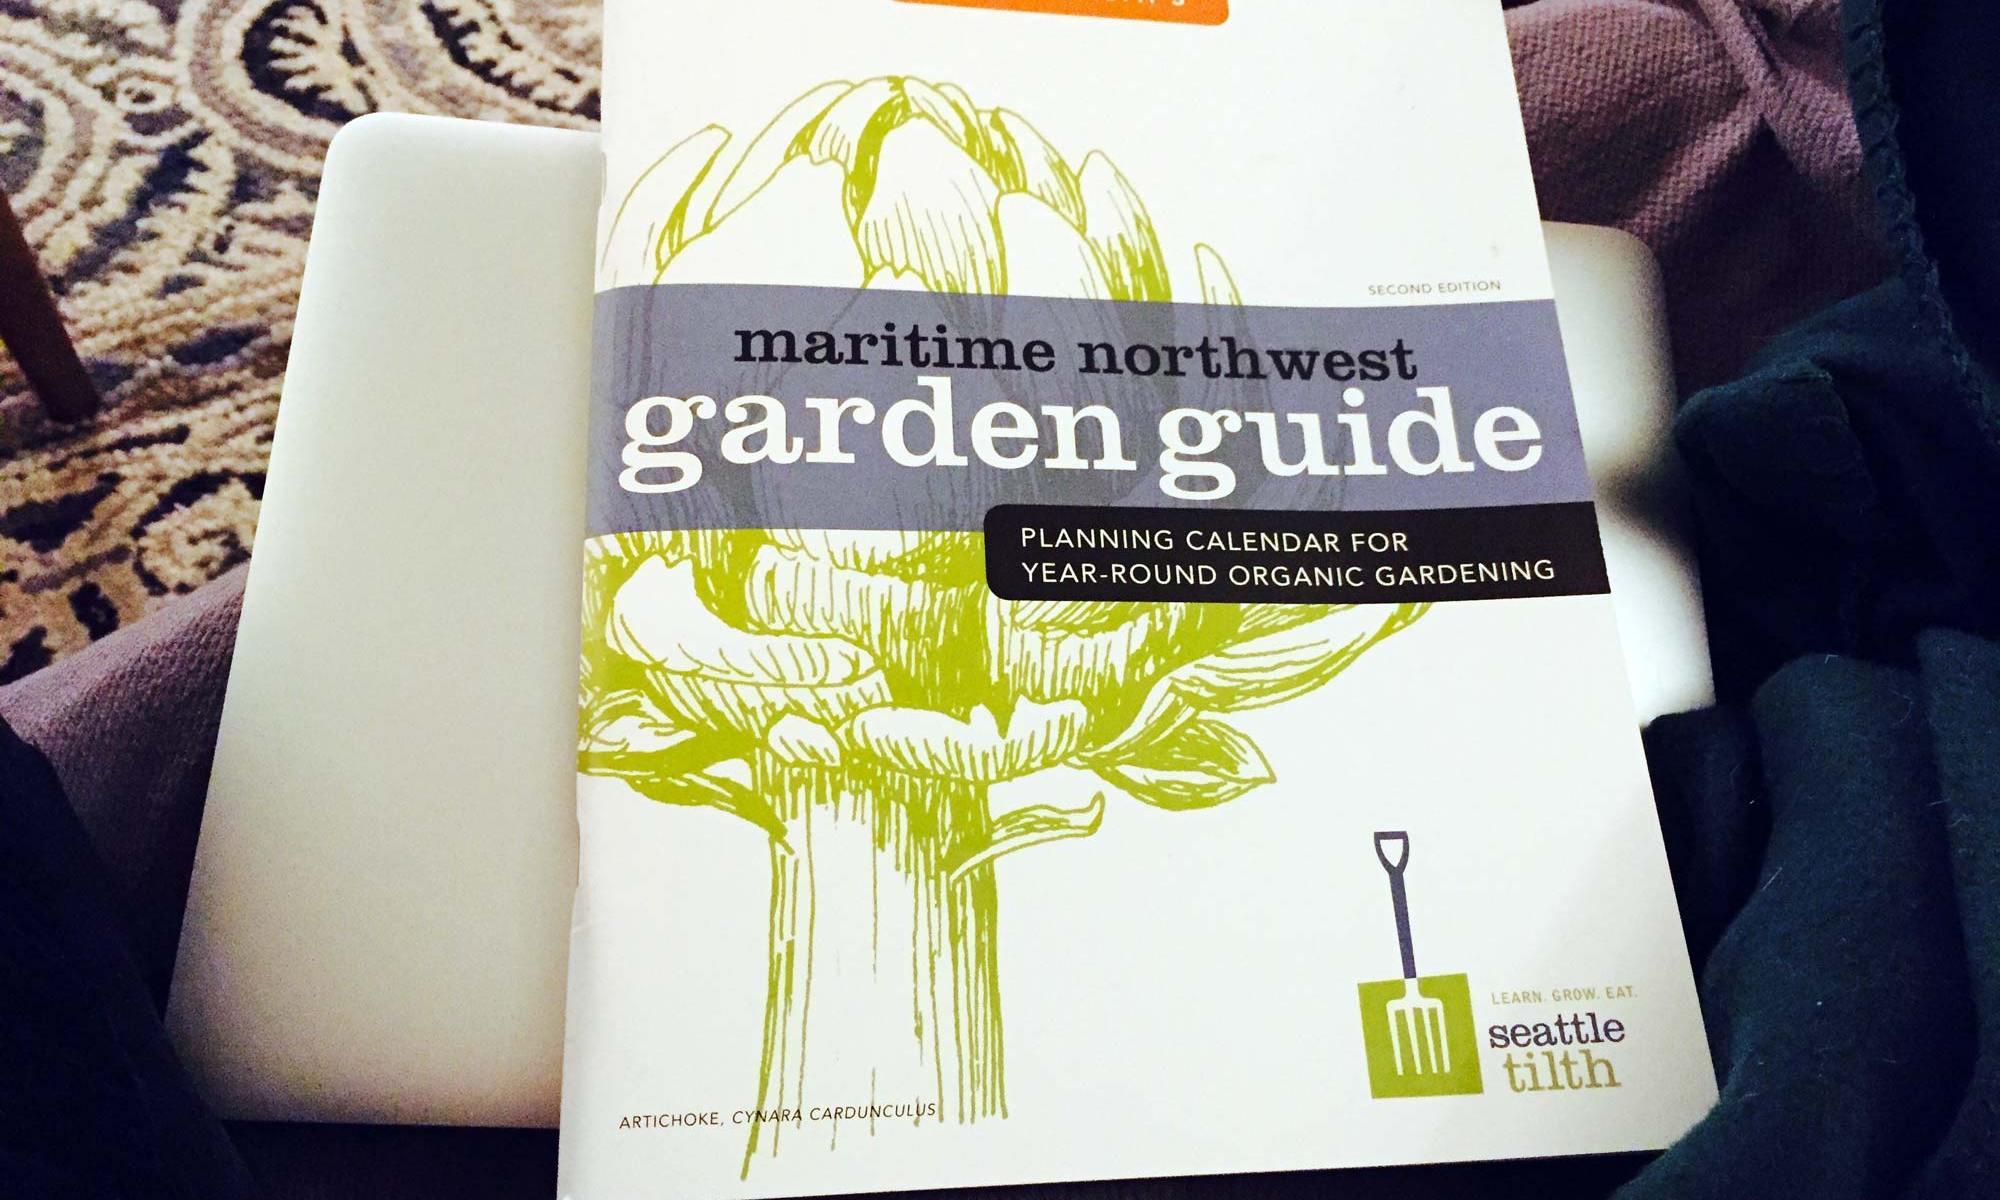 Seattle Tilth's Maritime Northwest Garden Guide